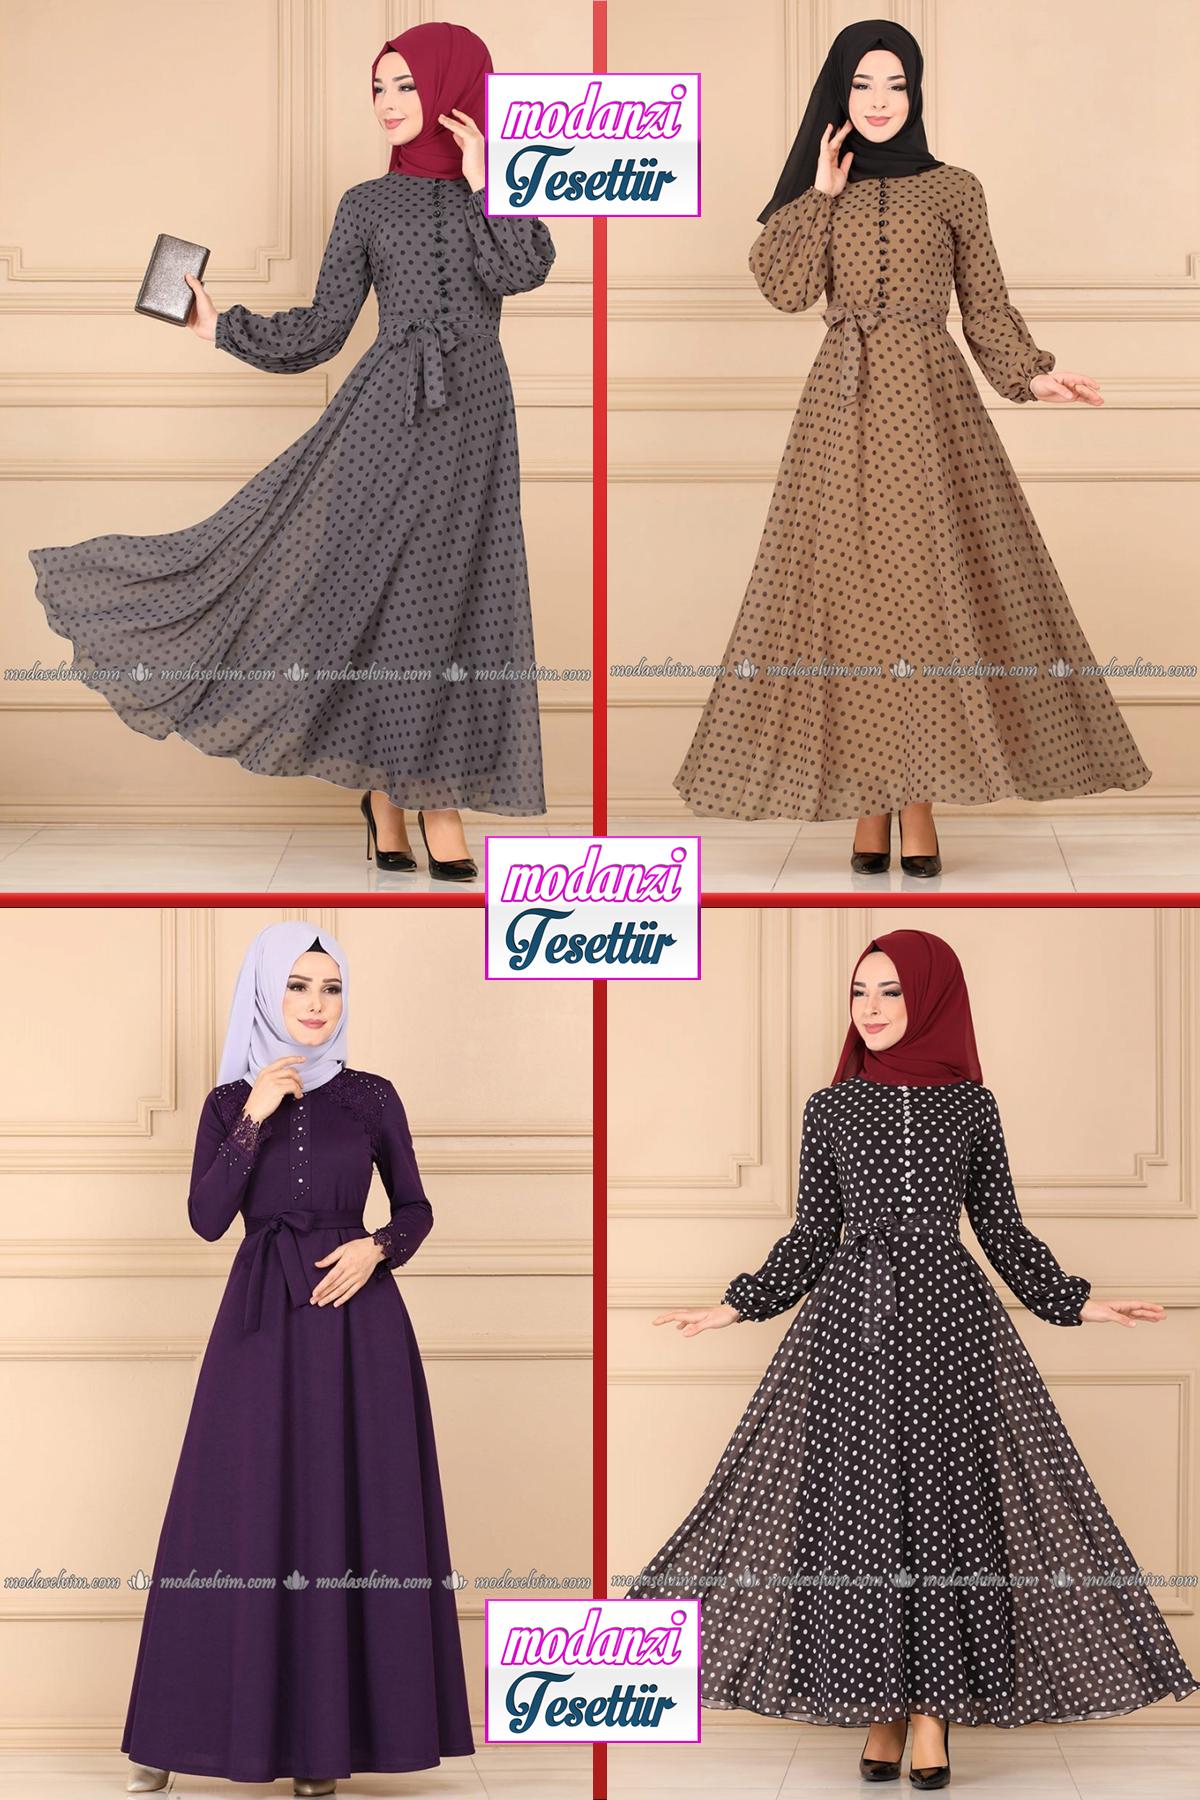 Modaselvim Elbise Modelleri 2020 30 Moda Selvim Yeni Sezon Tesettur Elbise Modelleri 2020 Moda Elbise Moda Stilleri